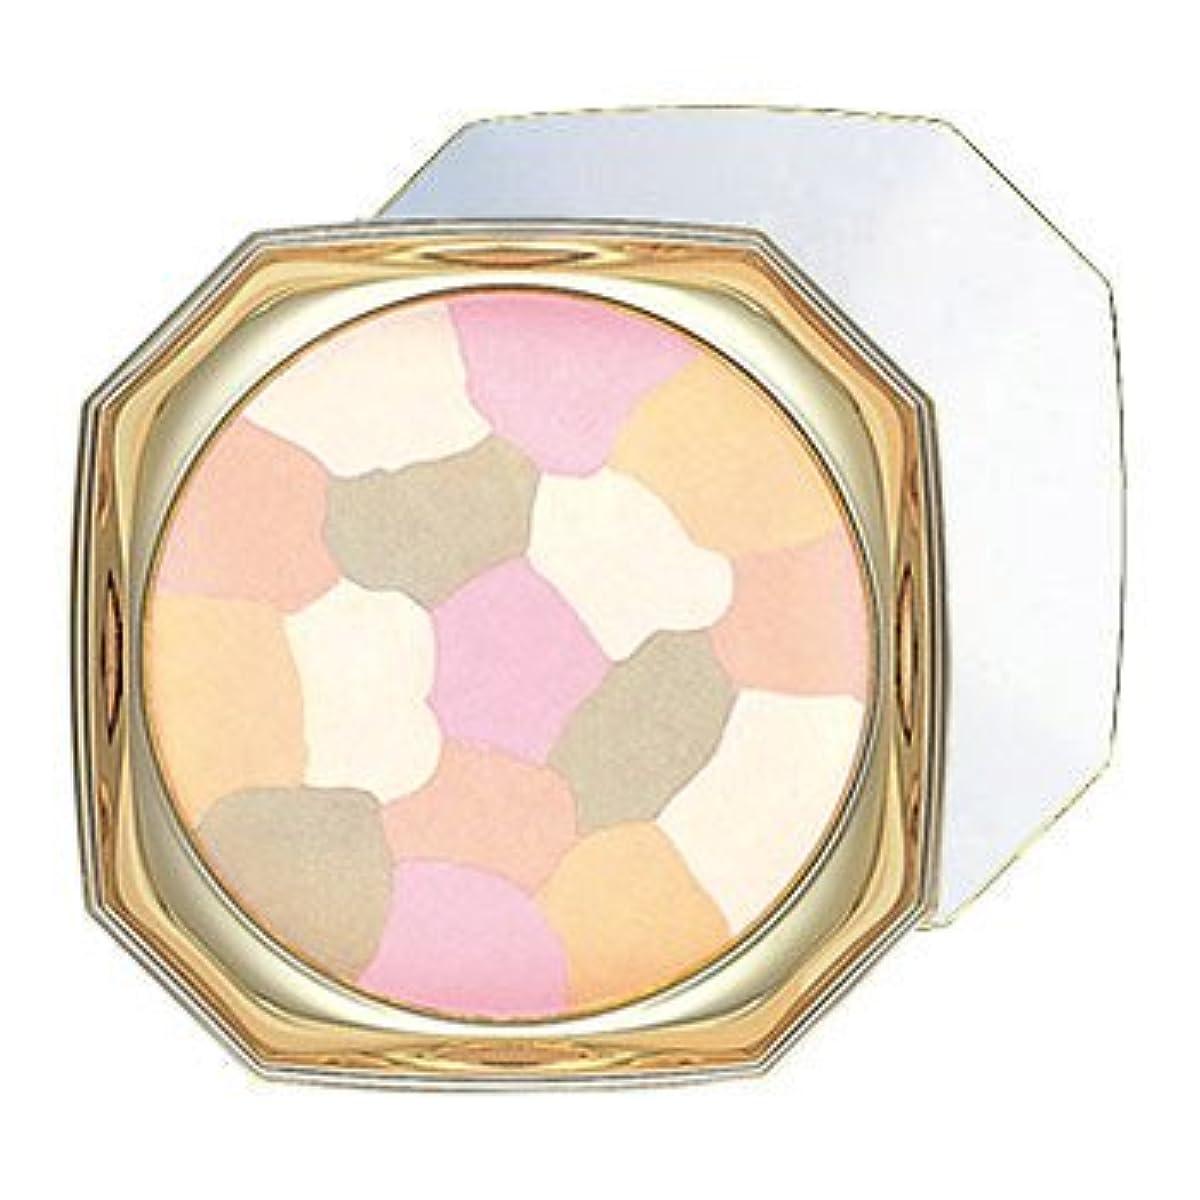 [해외] 노에비아 엑설런트 멜랑제리 파우더 브라이트 핑크